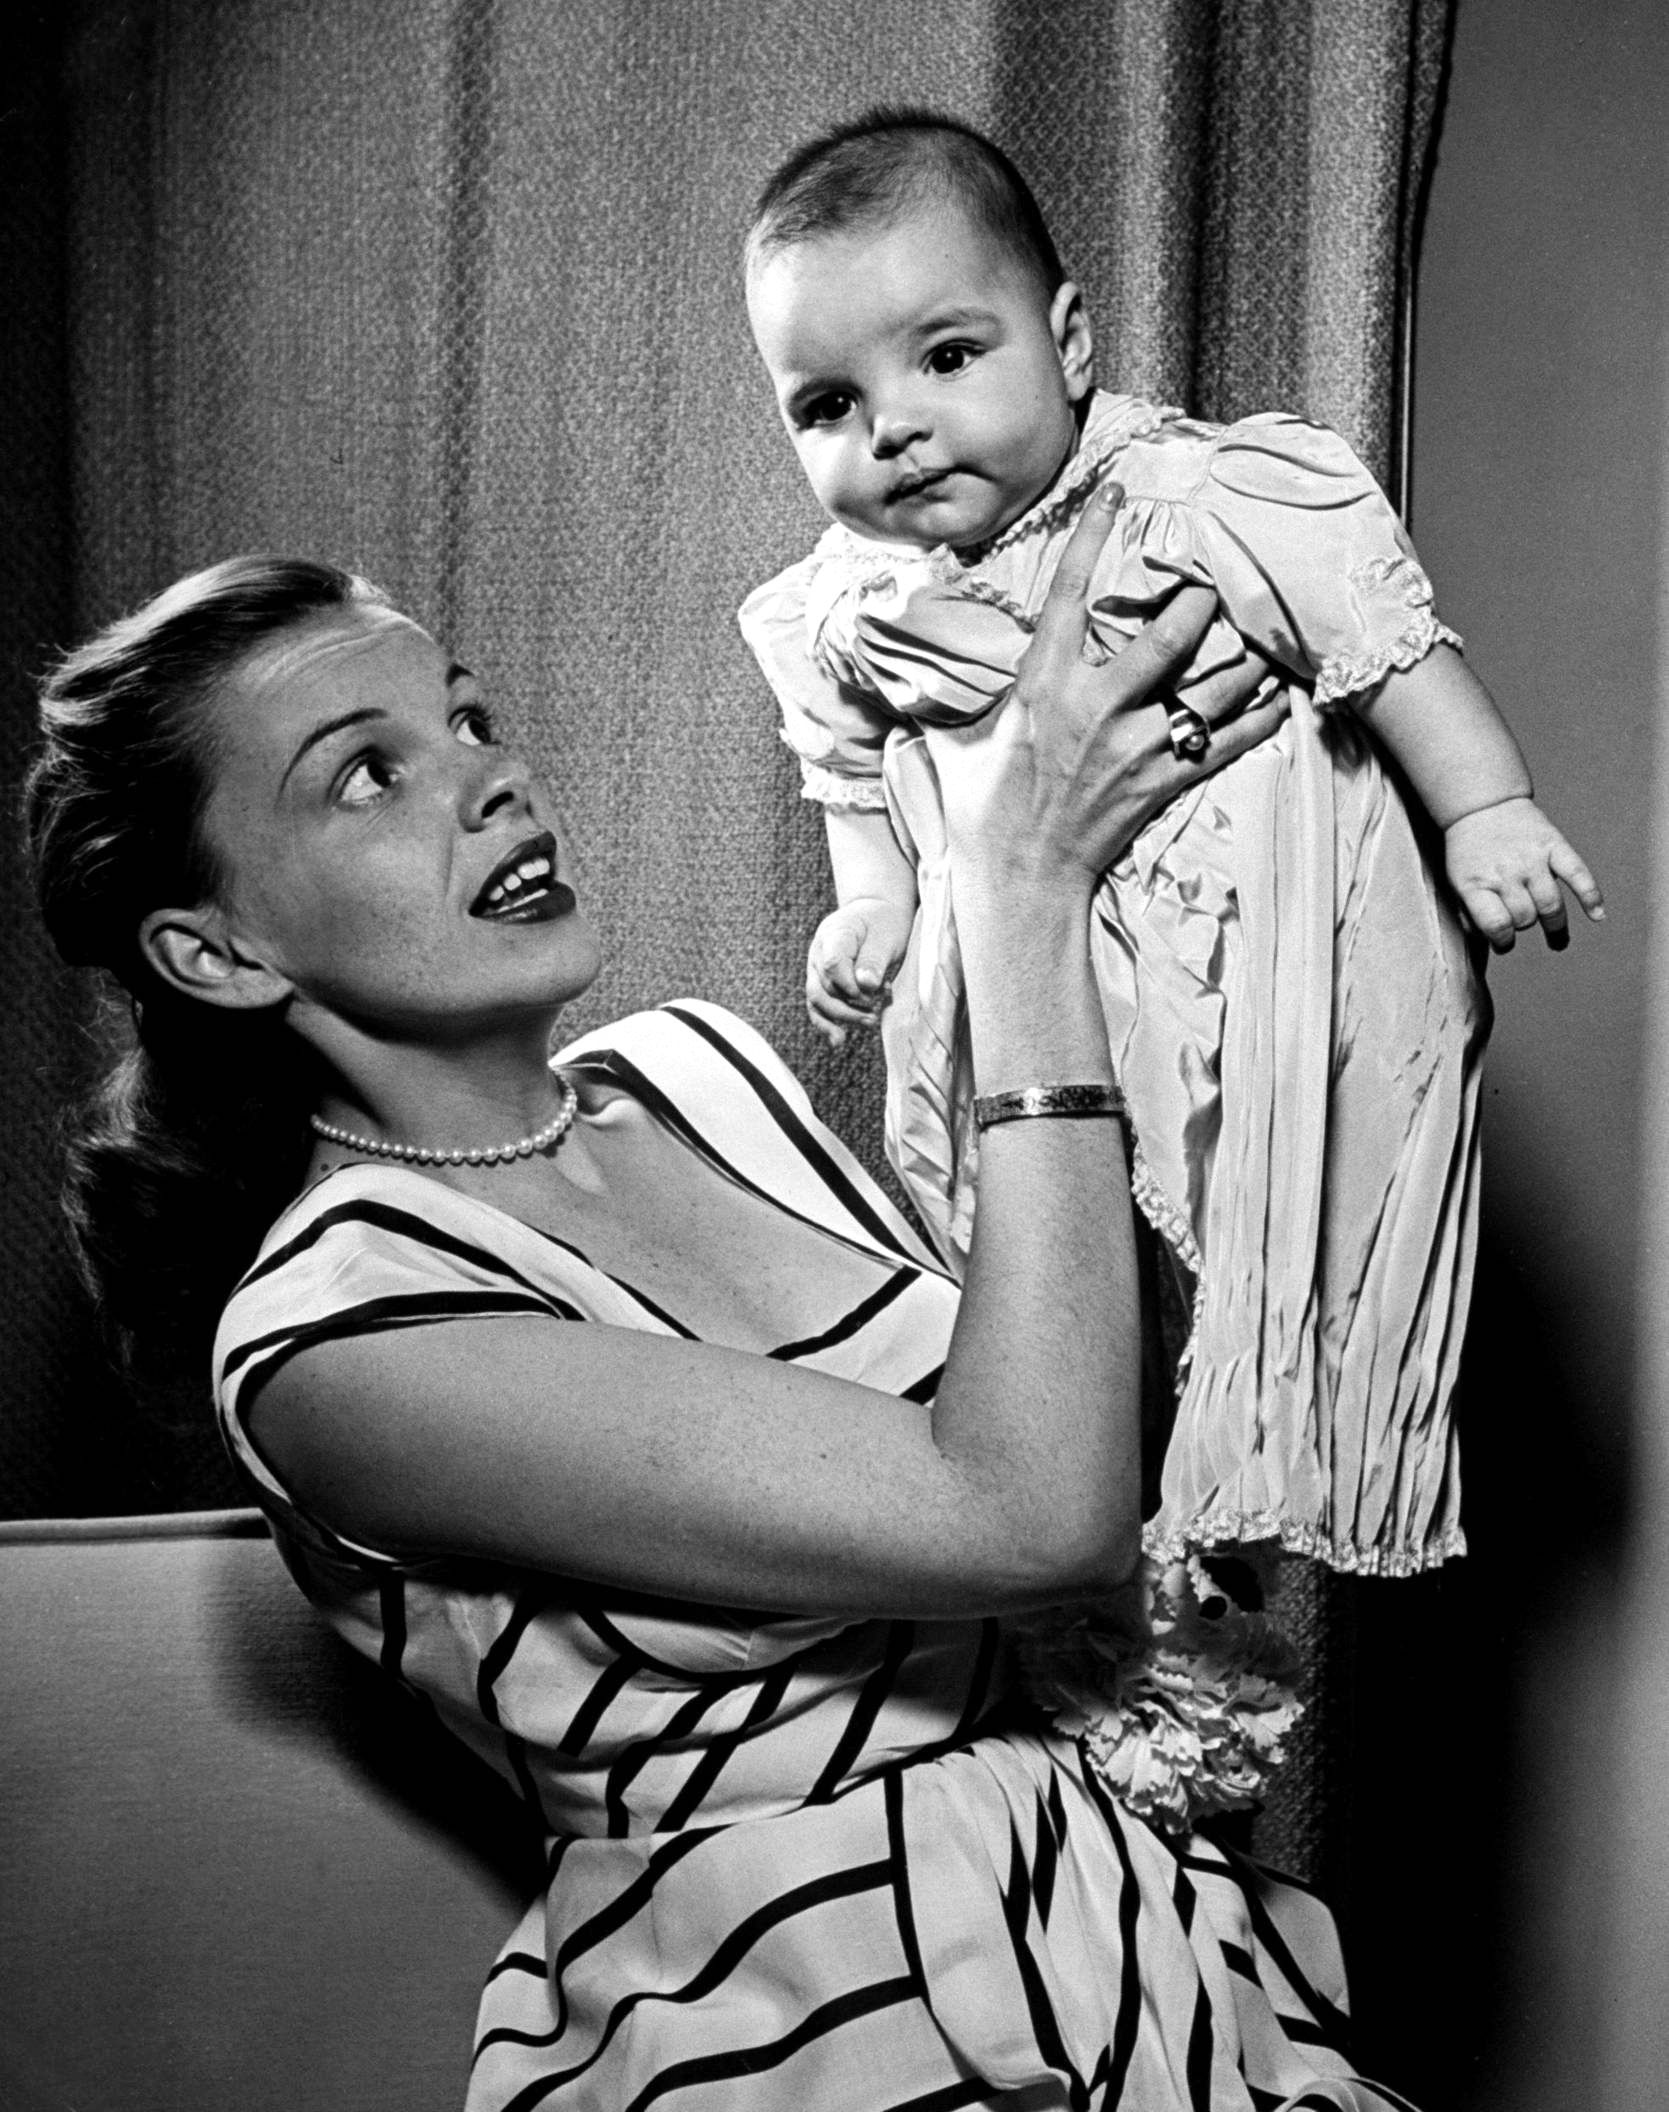 Mielőtt kijön az új Renée Zellweger film, íme, egy fiatalkori kép Judy Garlandról és Liza Minelliről